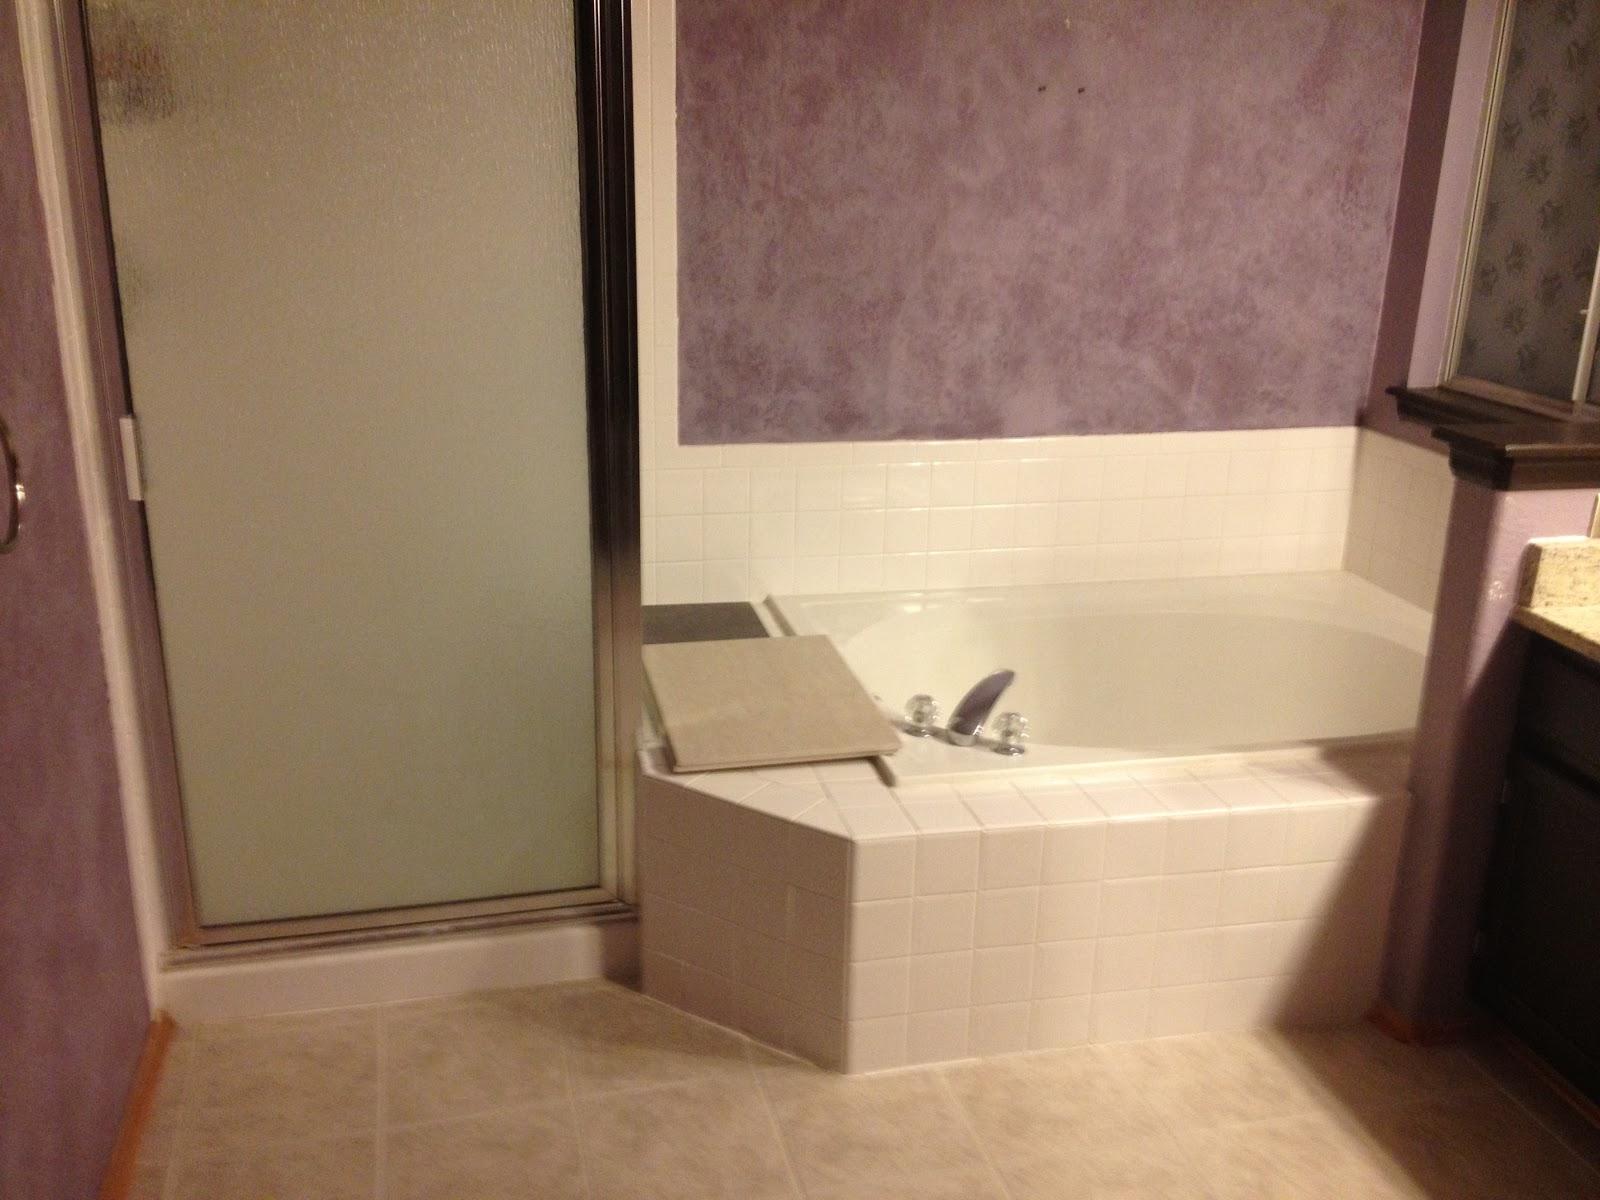 Bathroom Remodeling Boston Bathroom Remodeling Boston Systymco - Bathroom renovation boston